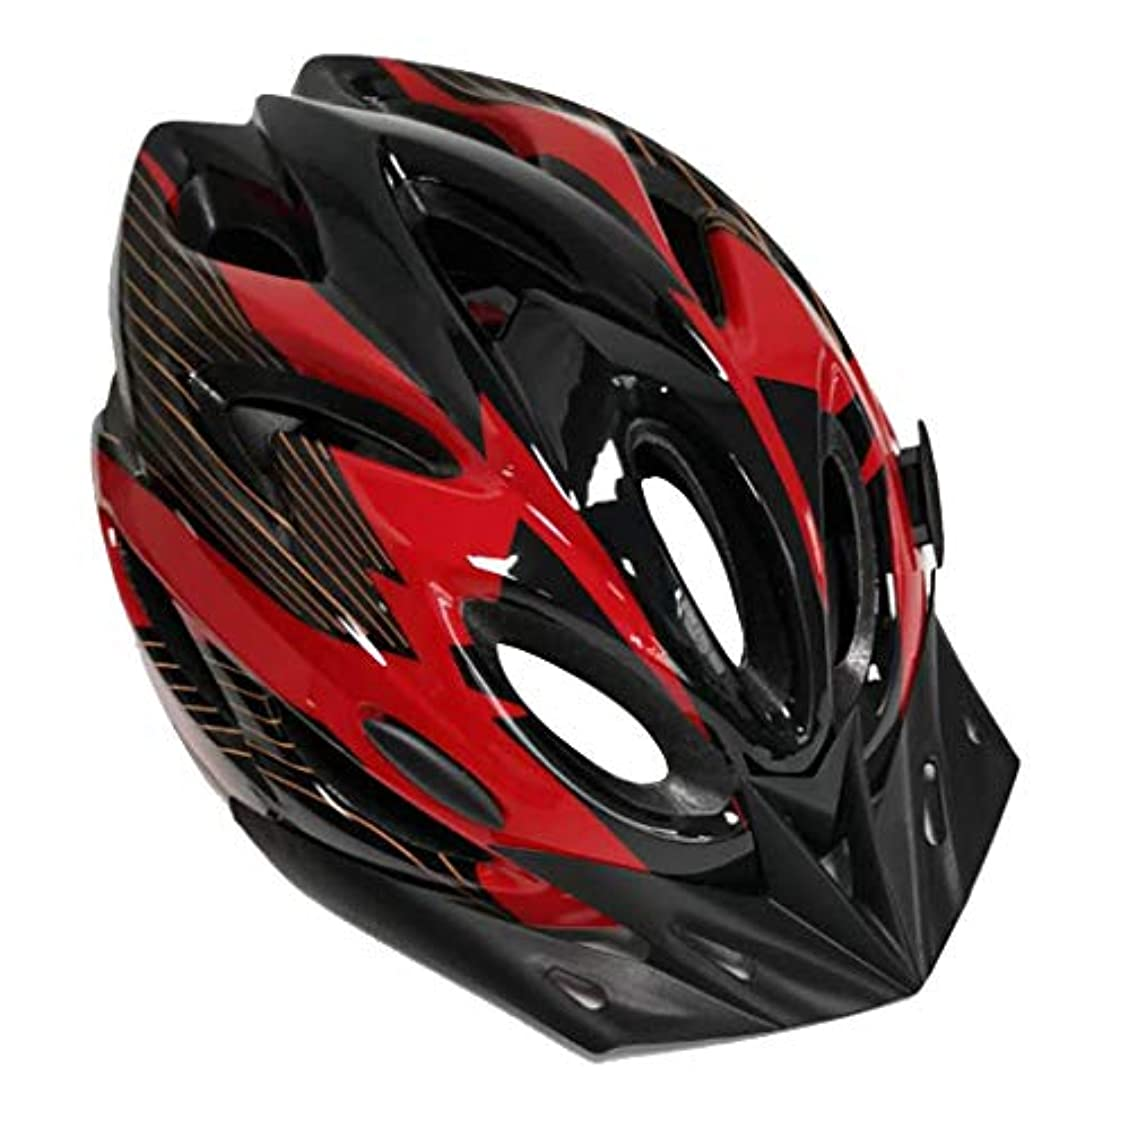 熱心レバー定常Perfeclan 自転車 サイクリング 大人用ヘルメット 男女用 超軽量 調節可能 衝撃軽減 全6色